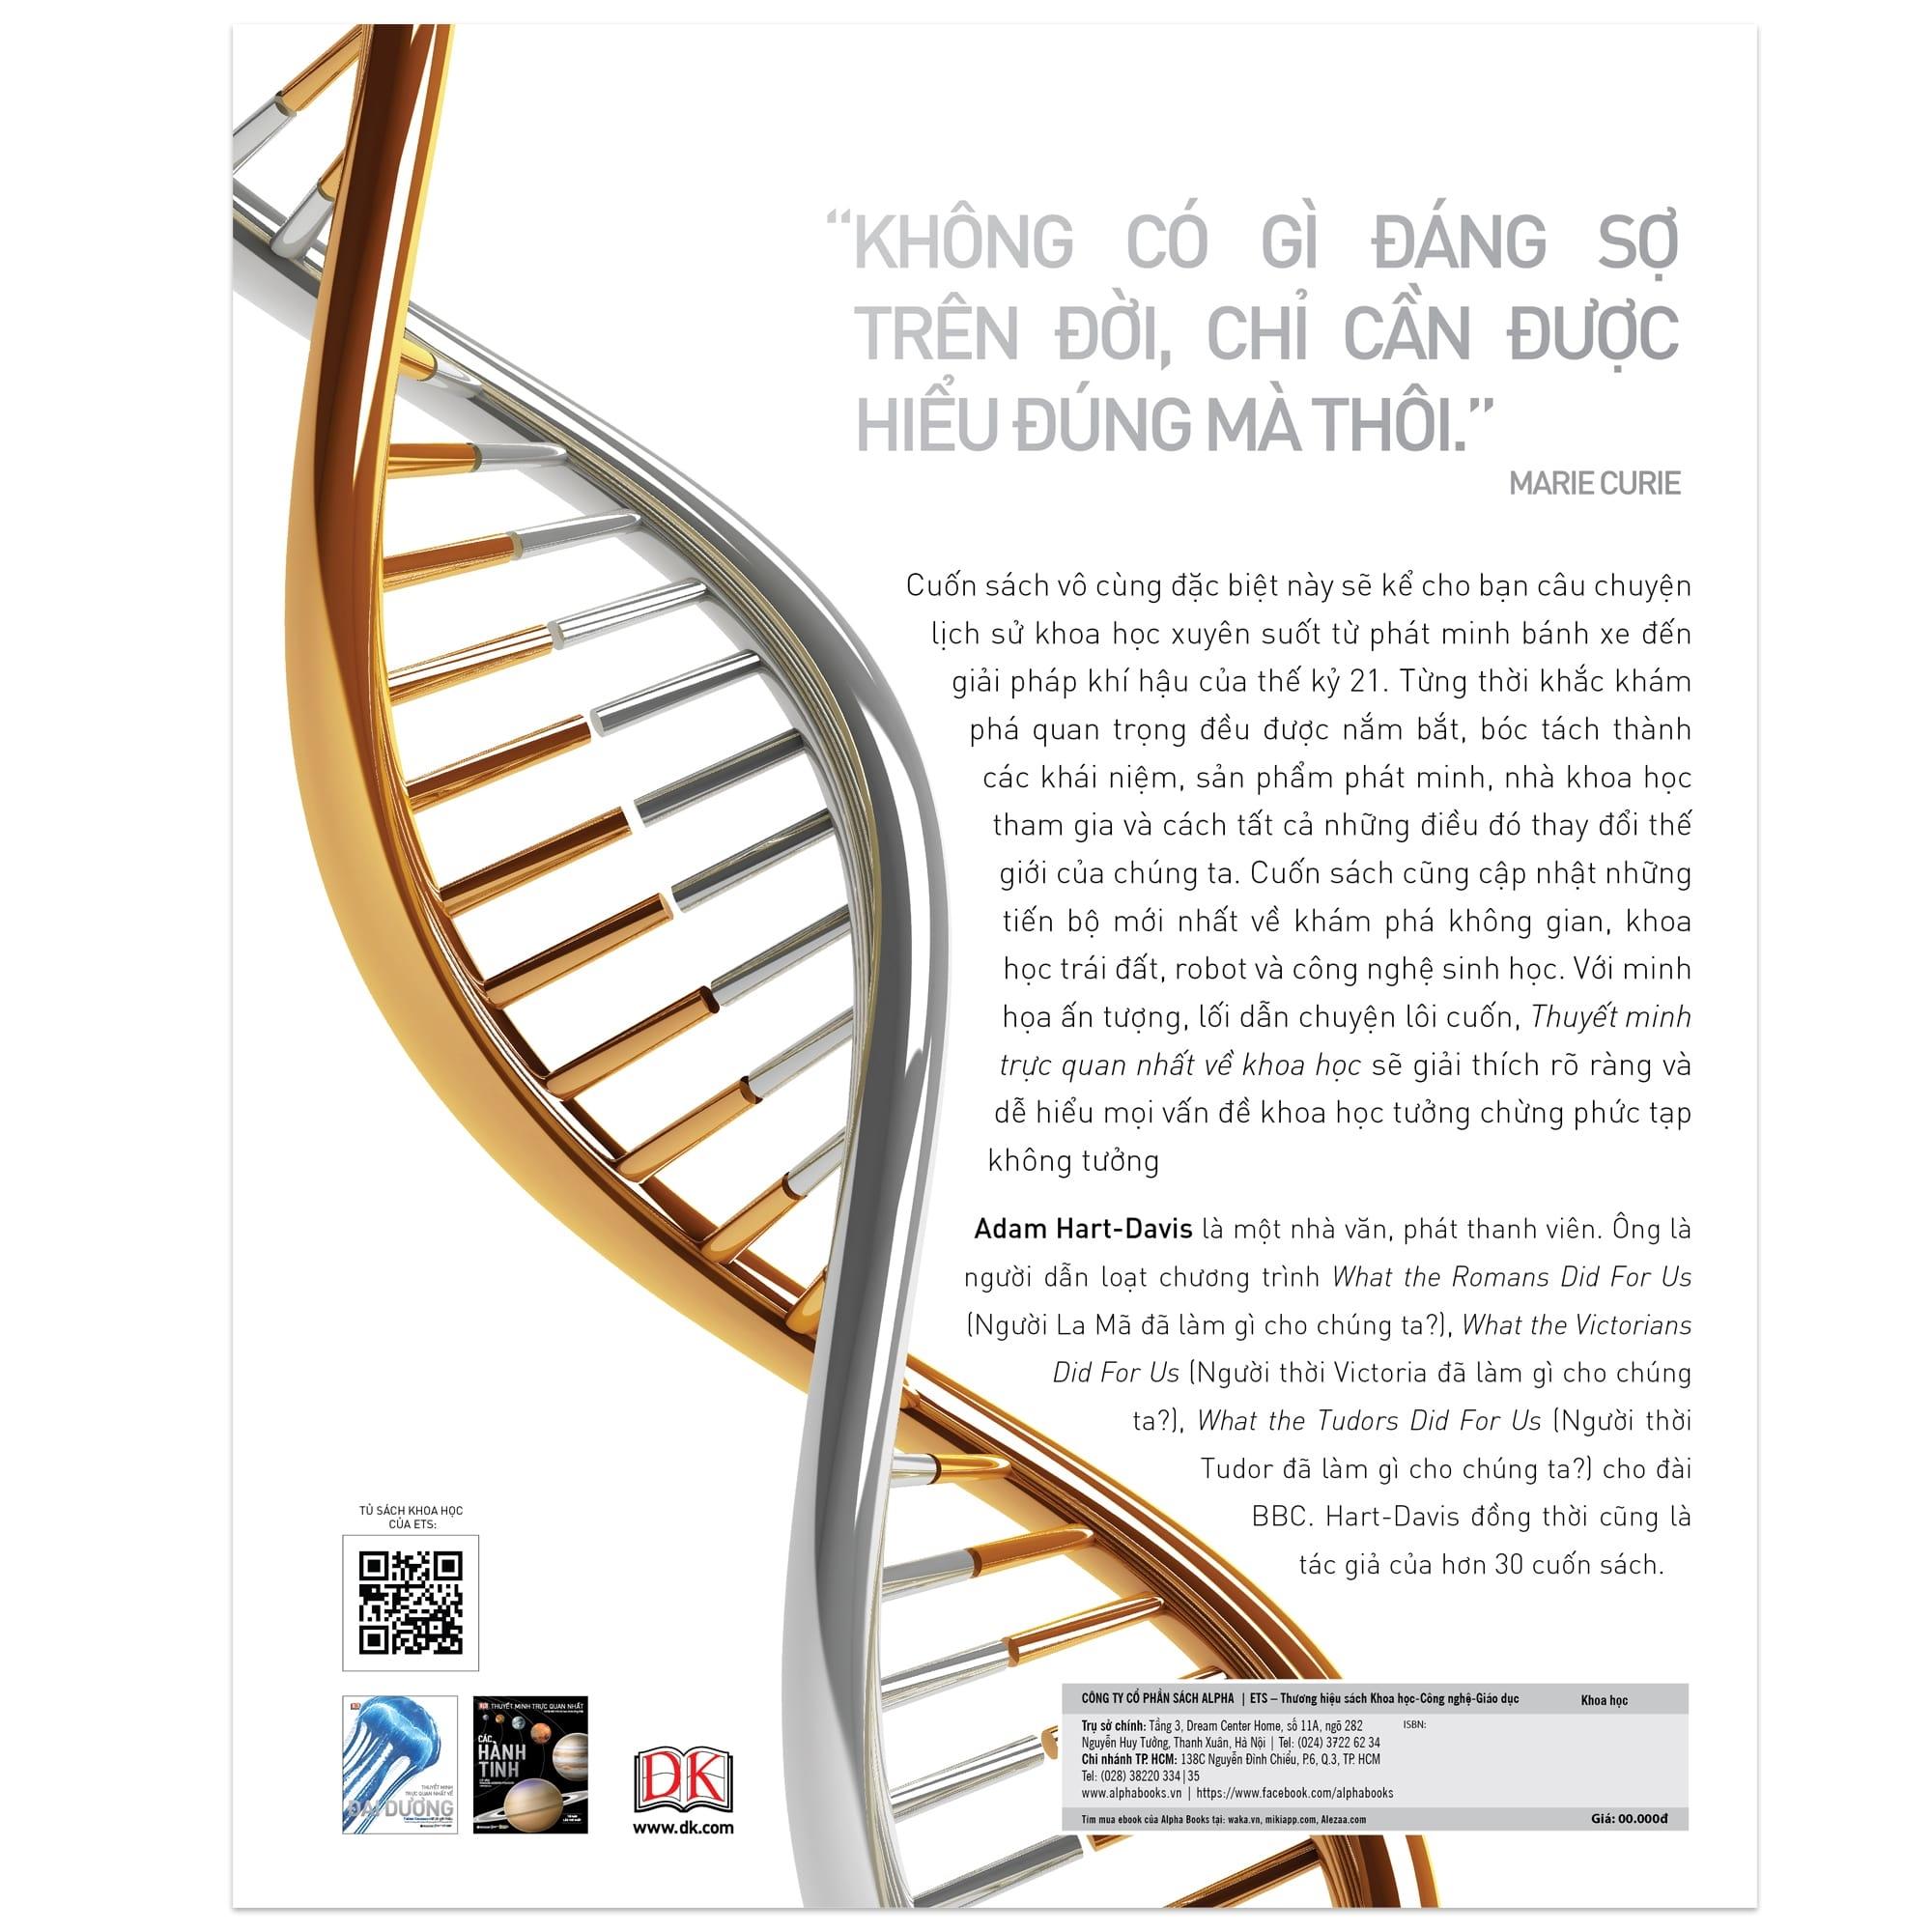 Sách Mới Alphabooks - Science - Thuyết Minh Trực Quan Nhất Về Khoa Học - P711213 | Sàn thương mại điện tử của khách hàng Viettelpost